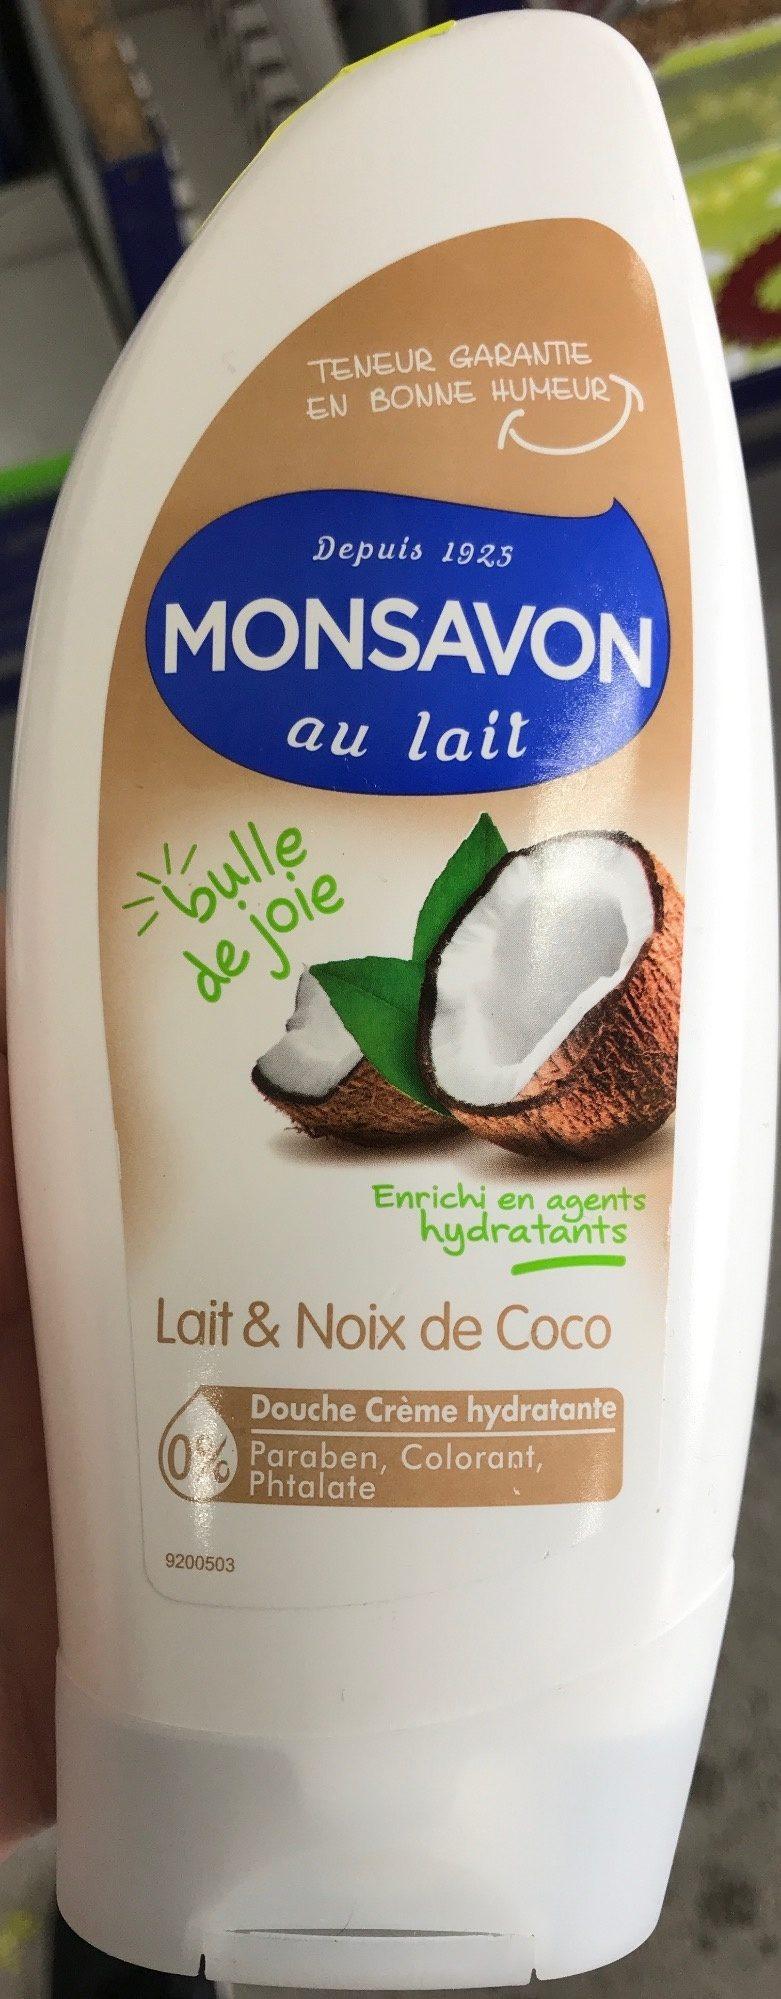 Douche crème hydratante Lait & Noix de Coco - Produit - fr